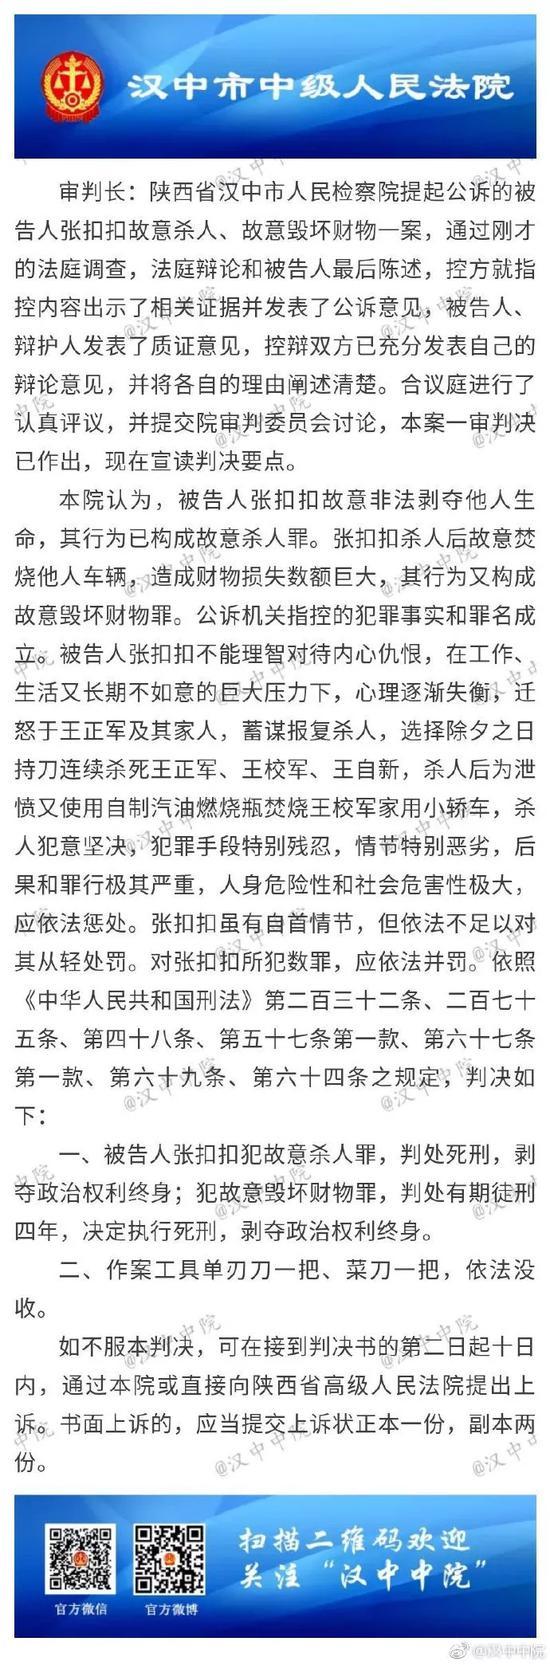 陕西省汉中市人民检察院